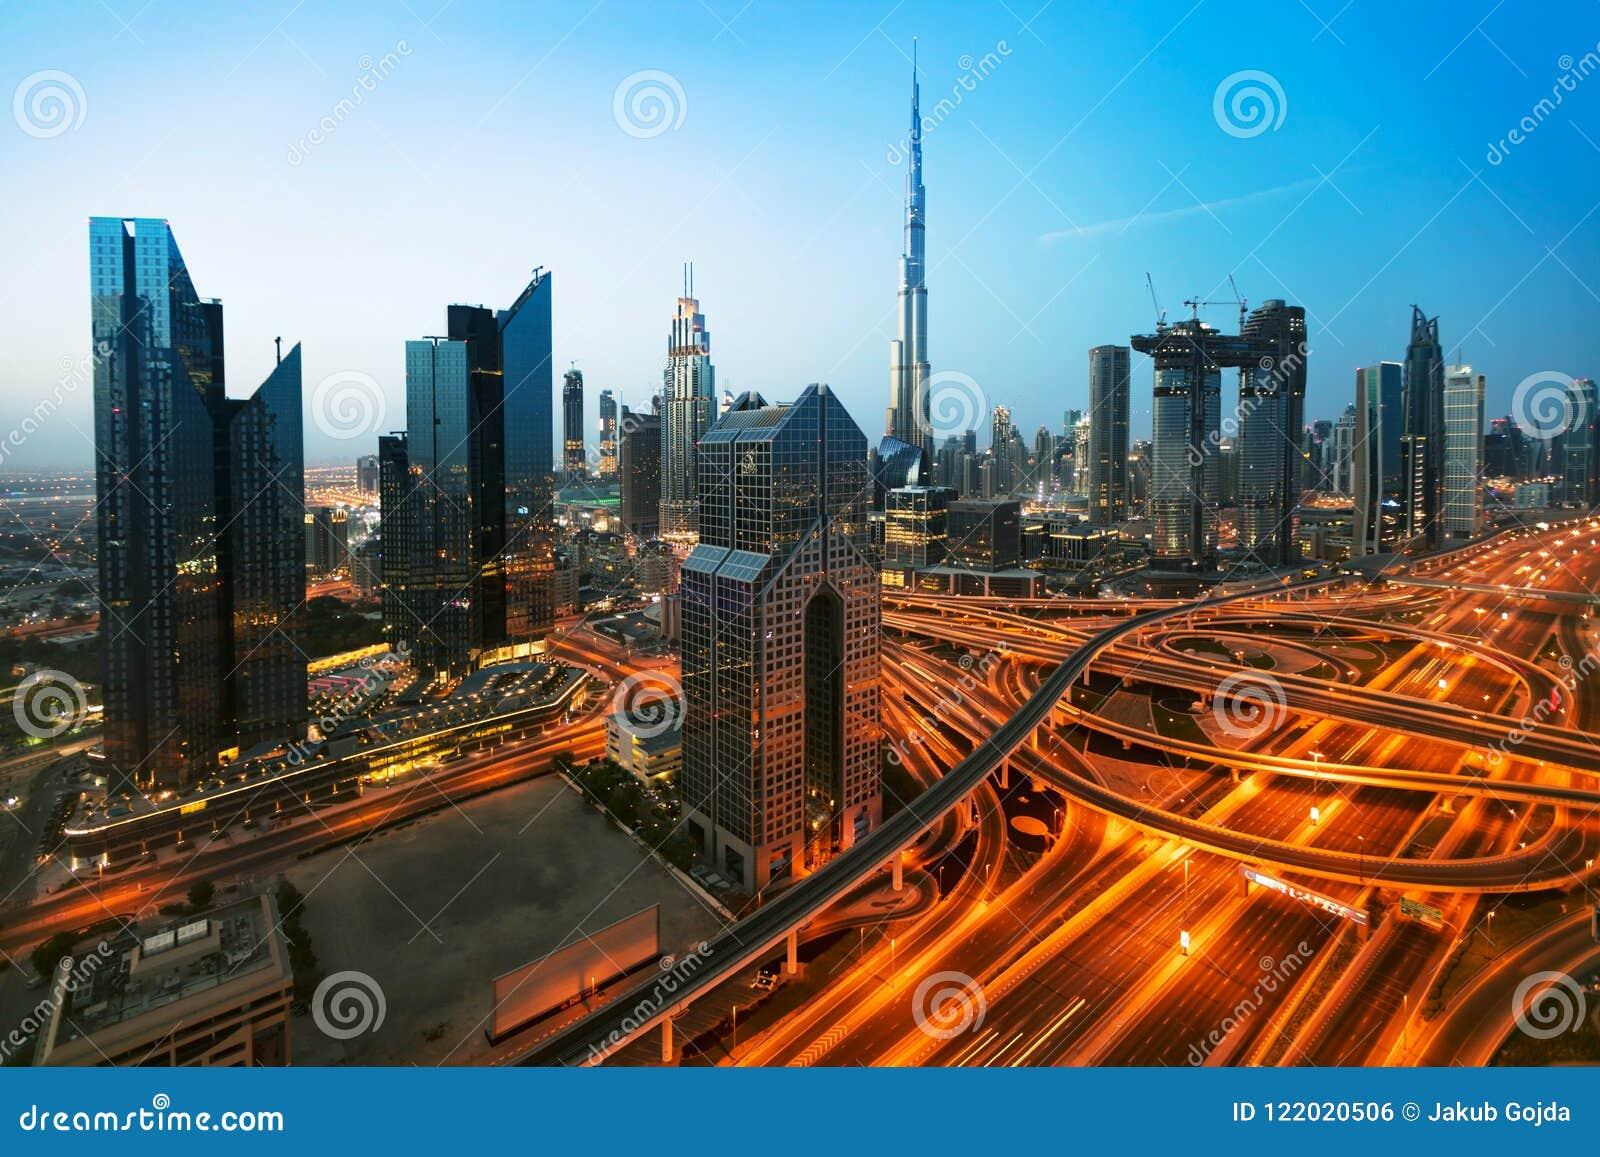 Opinión panorámica de la puesta del sol de Dubai del centro de la ciudad